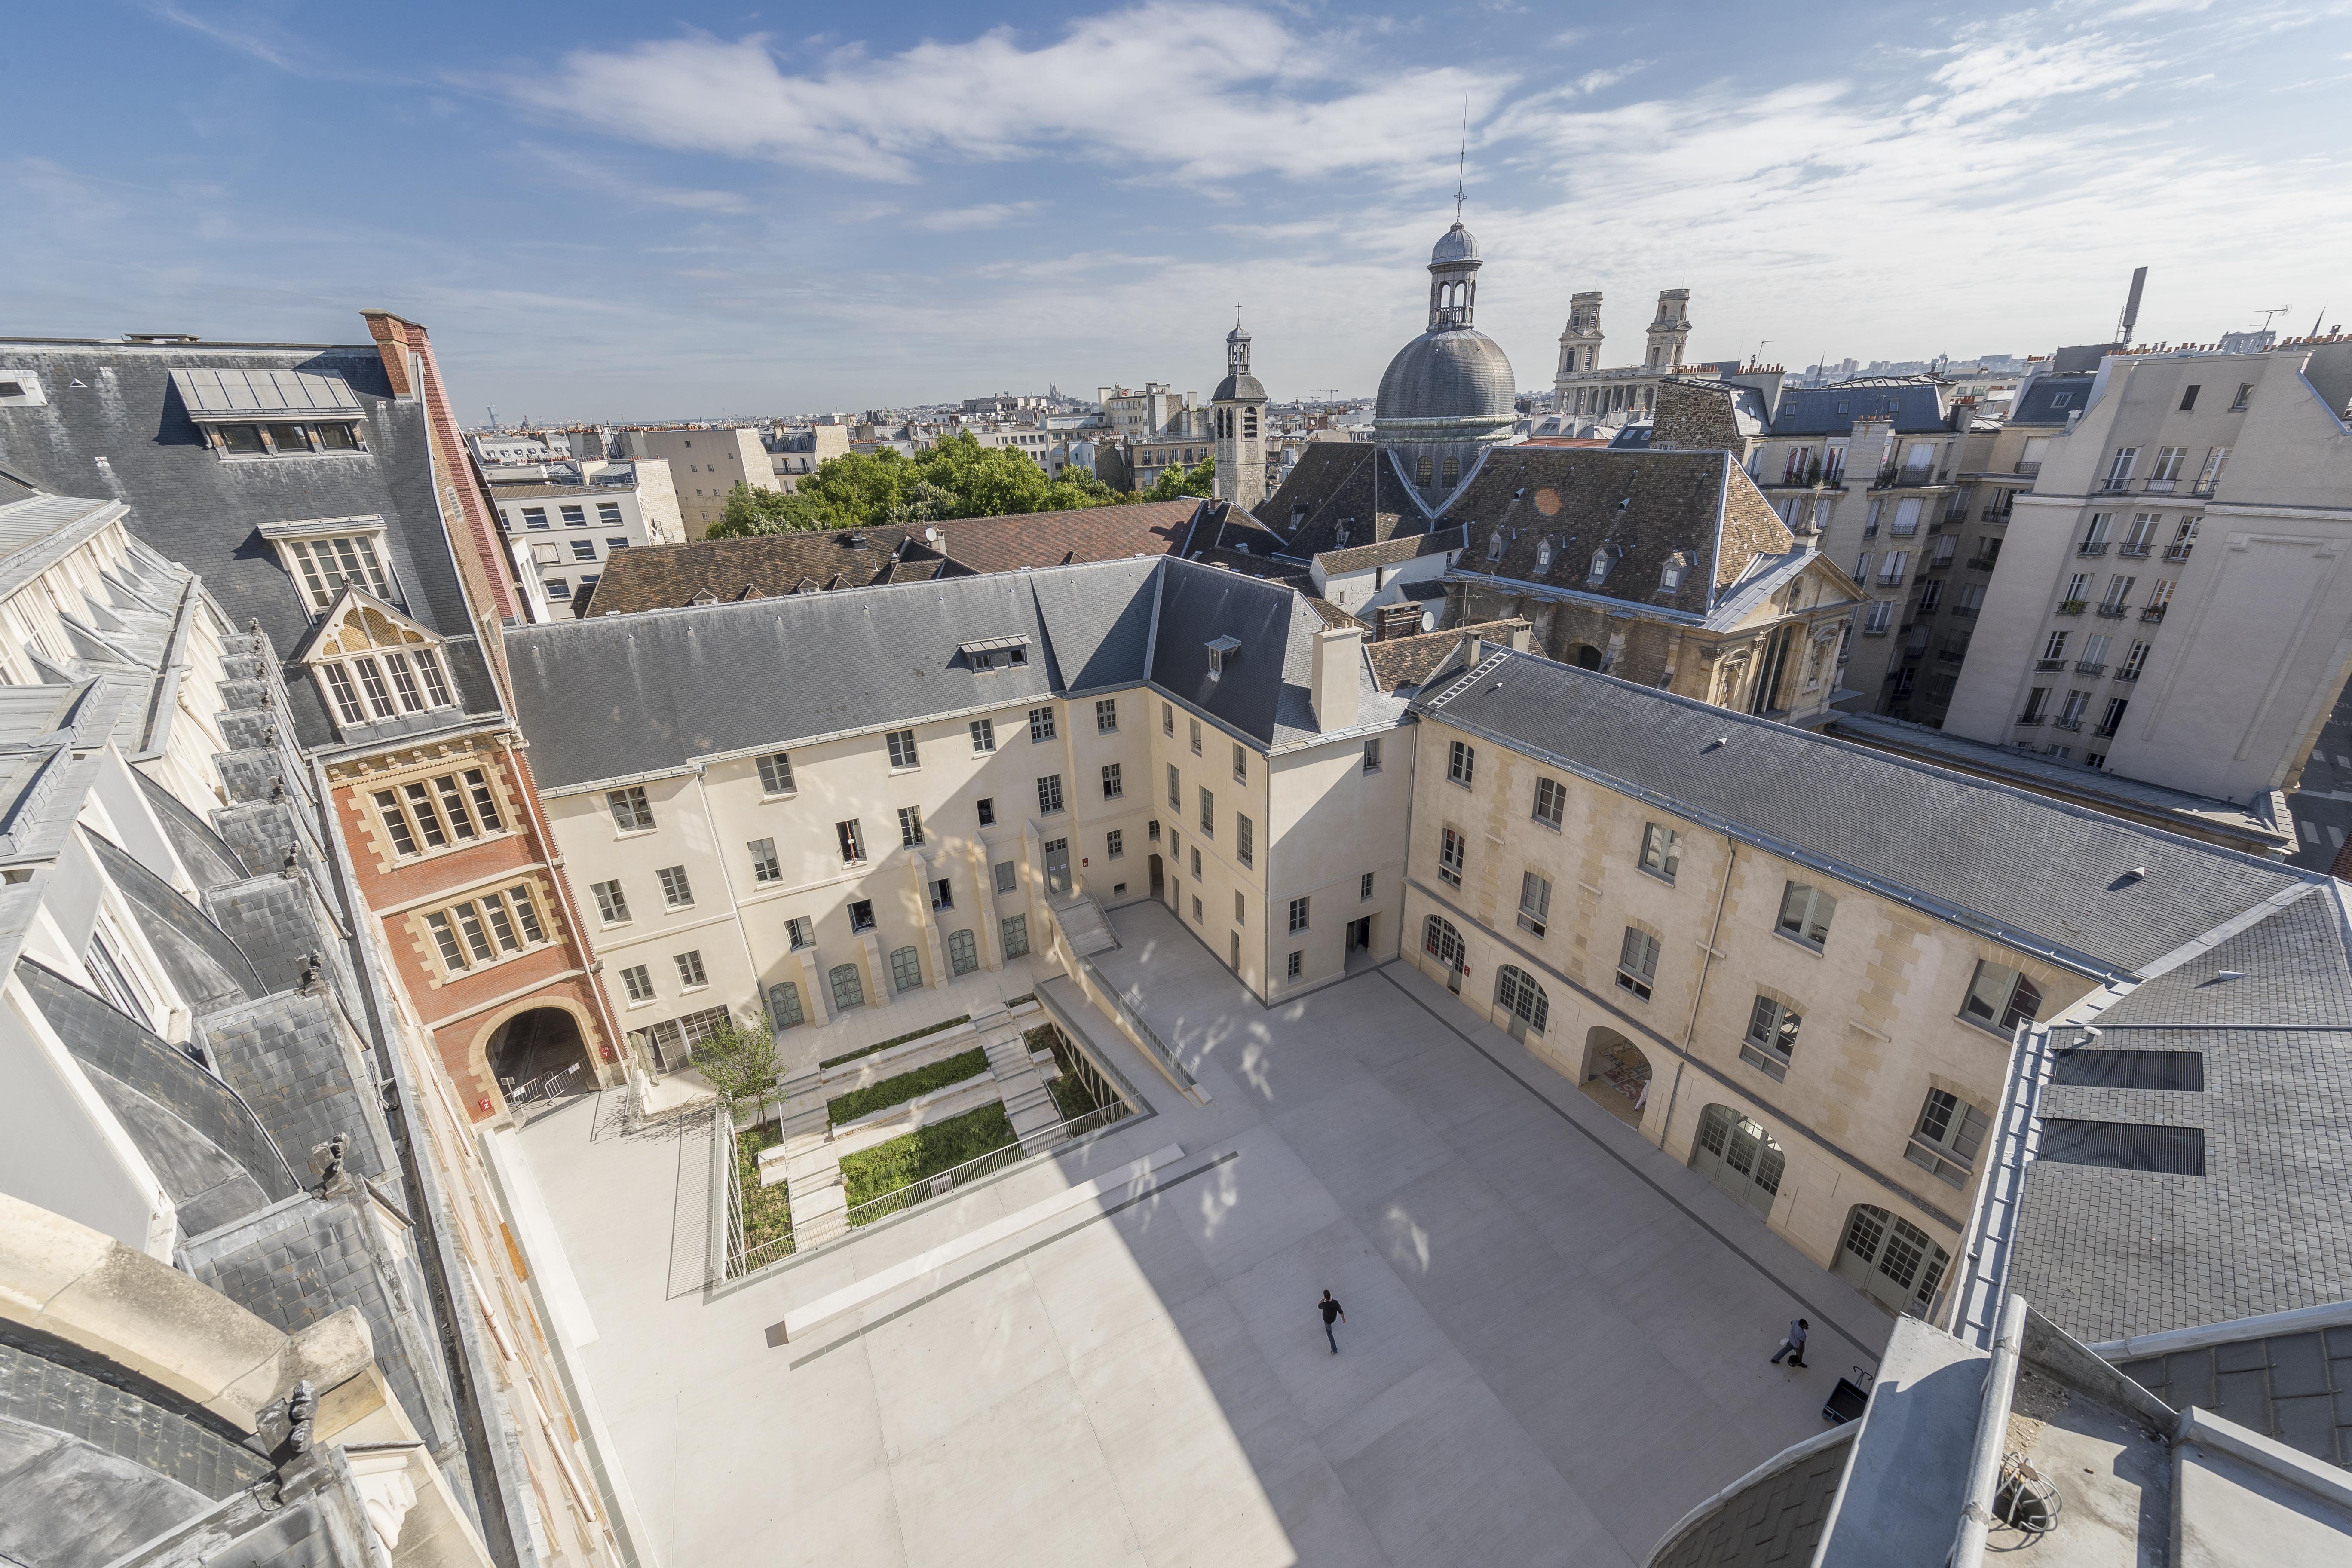 Le campus de l'ICP vu du ciel (c) Frédéric Albert